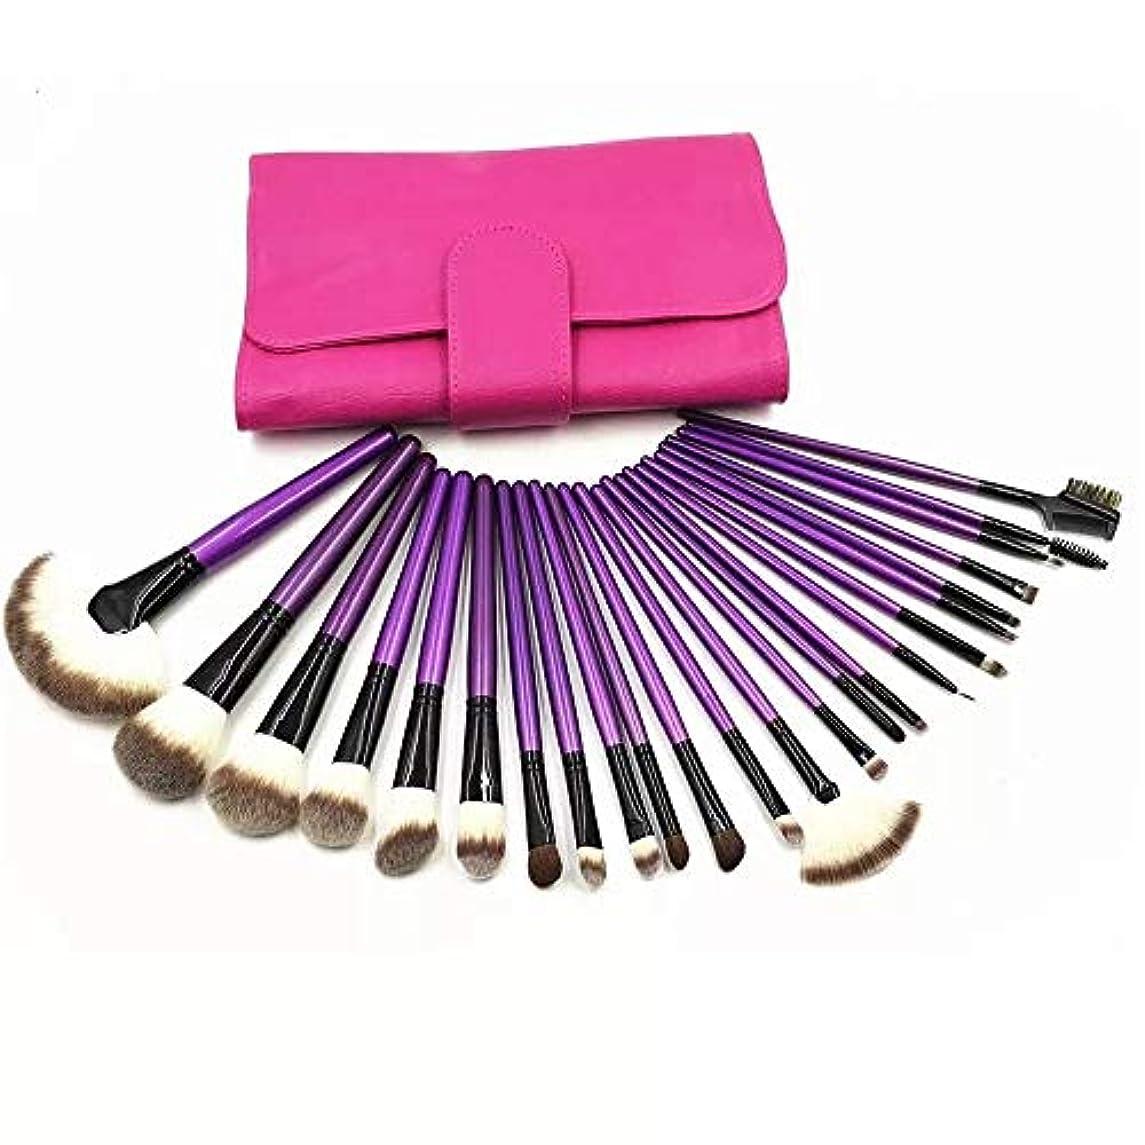 腐ったシリンダーコストMakeup brushes 多様性に富んだ完璧な使用、あなたの必要性を許すために保護袖が付いている24の専門の構造のブラシの場所 suits (Color : Purple)